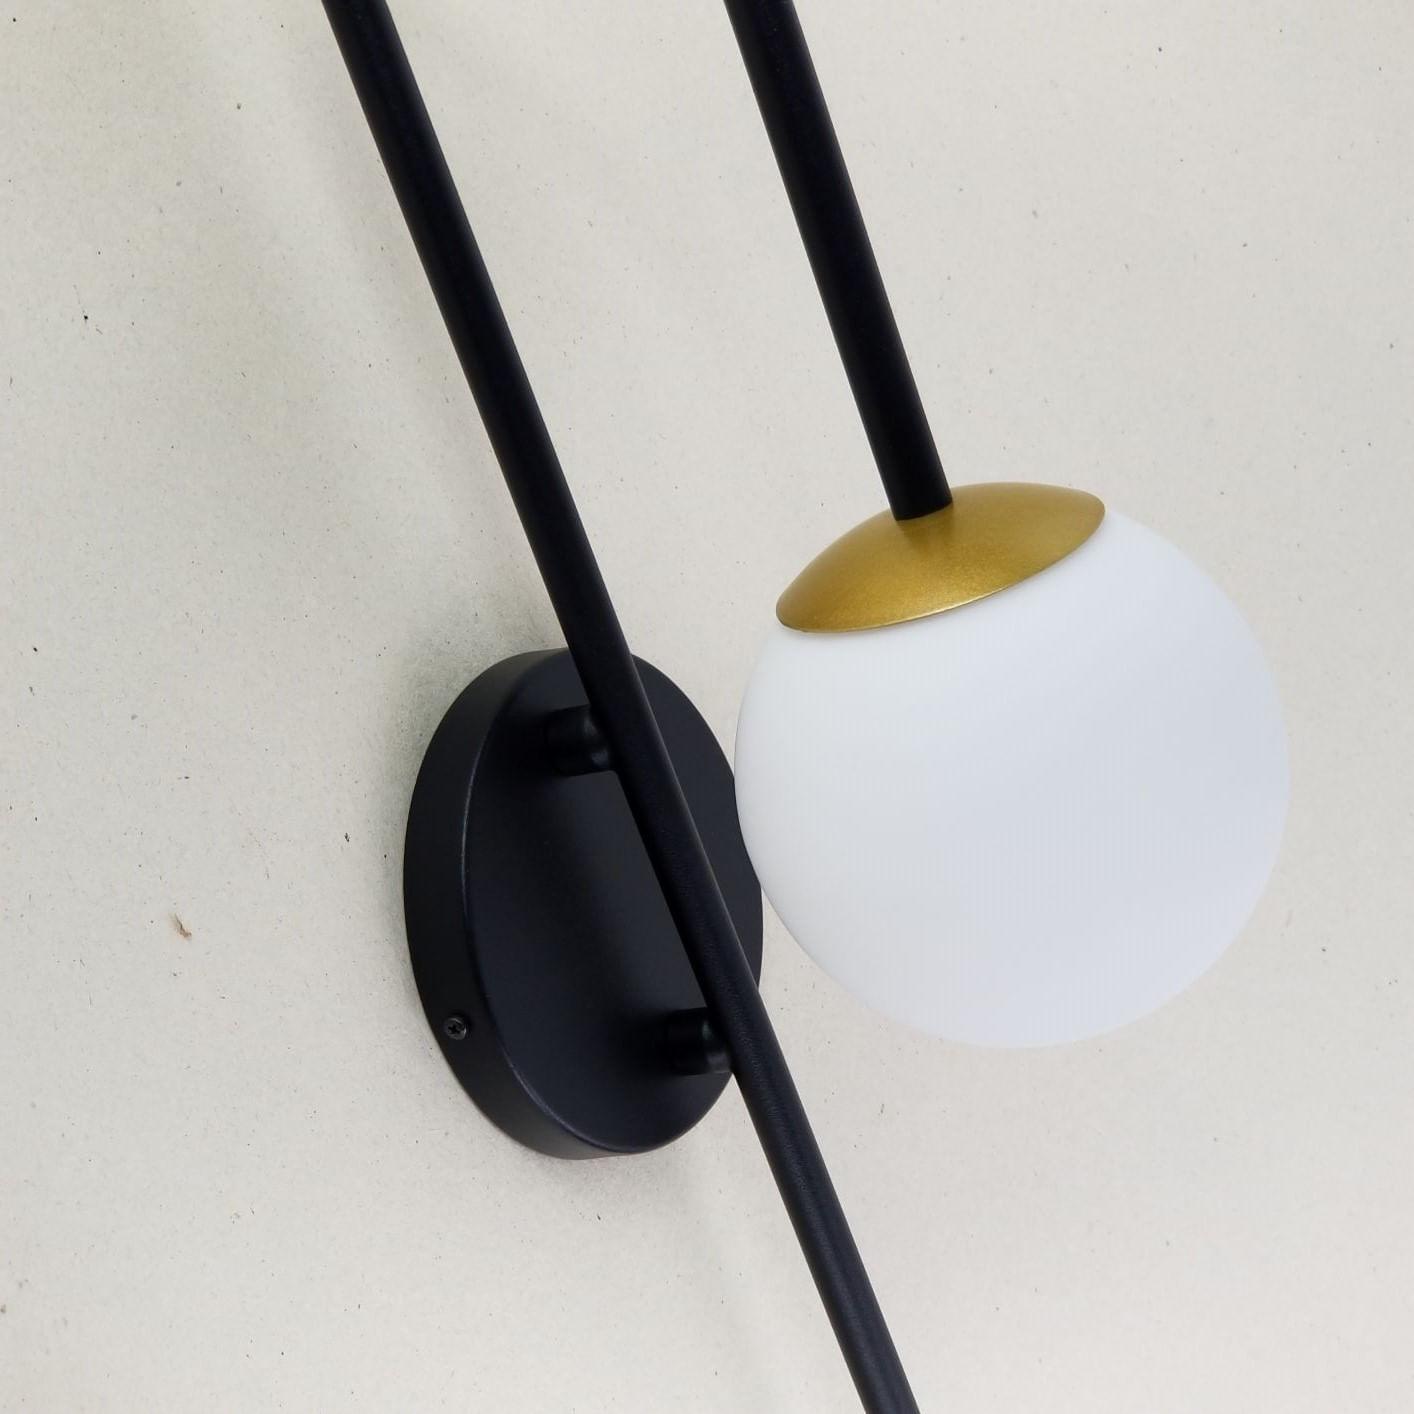 Arandela Curva Preto e Dourado e Globo Vidro Branco